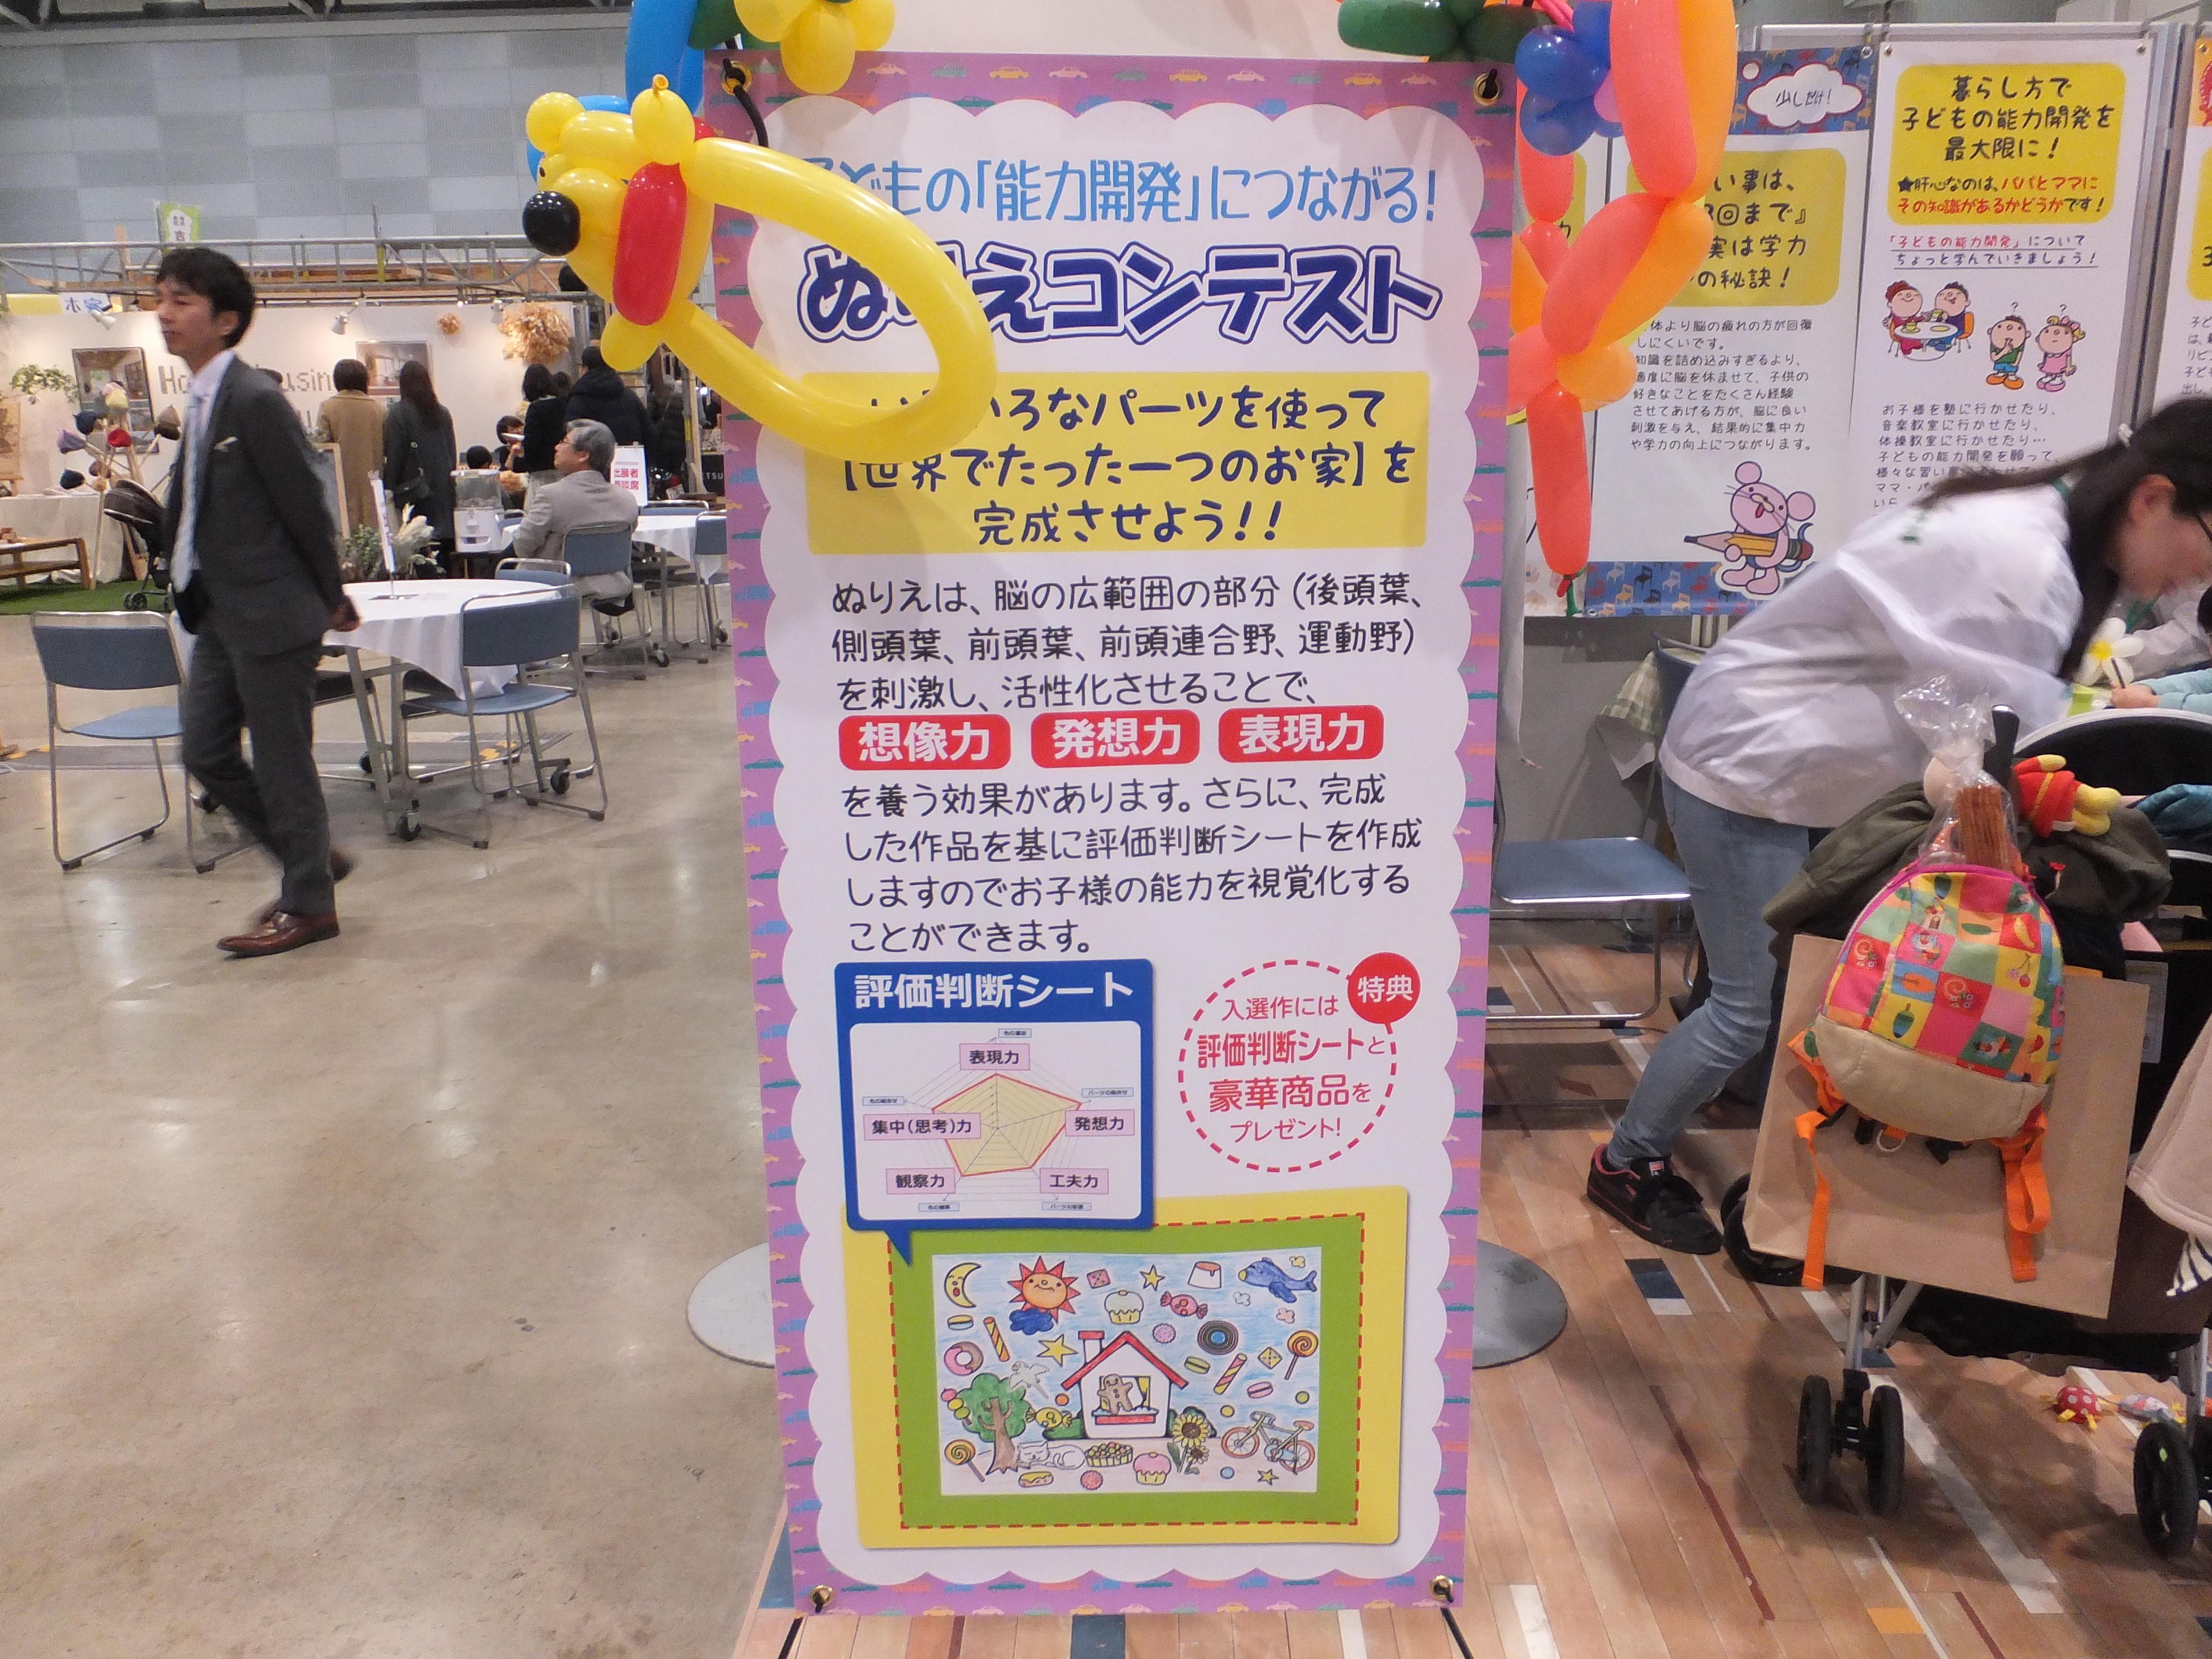 https://www.lixil-reformshop.jp/shop/SP00000505/photos/DSCF4348.JPG